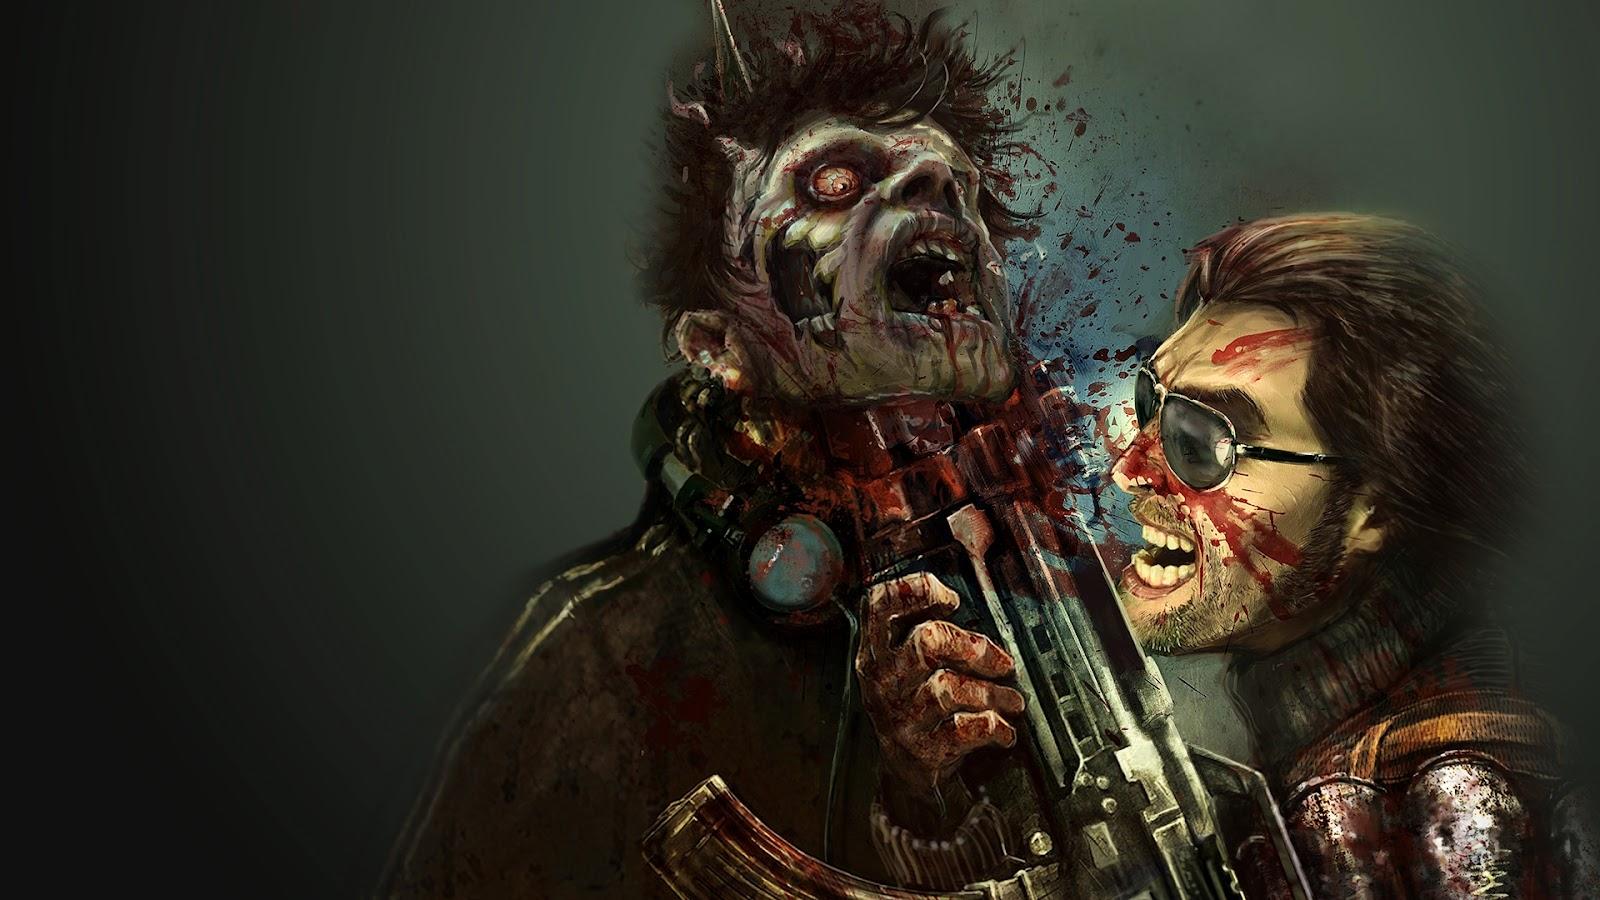 zombiewallpapergunstabbedfacejpg 1600x900